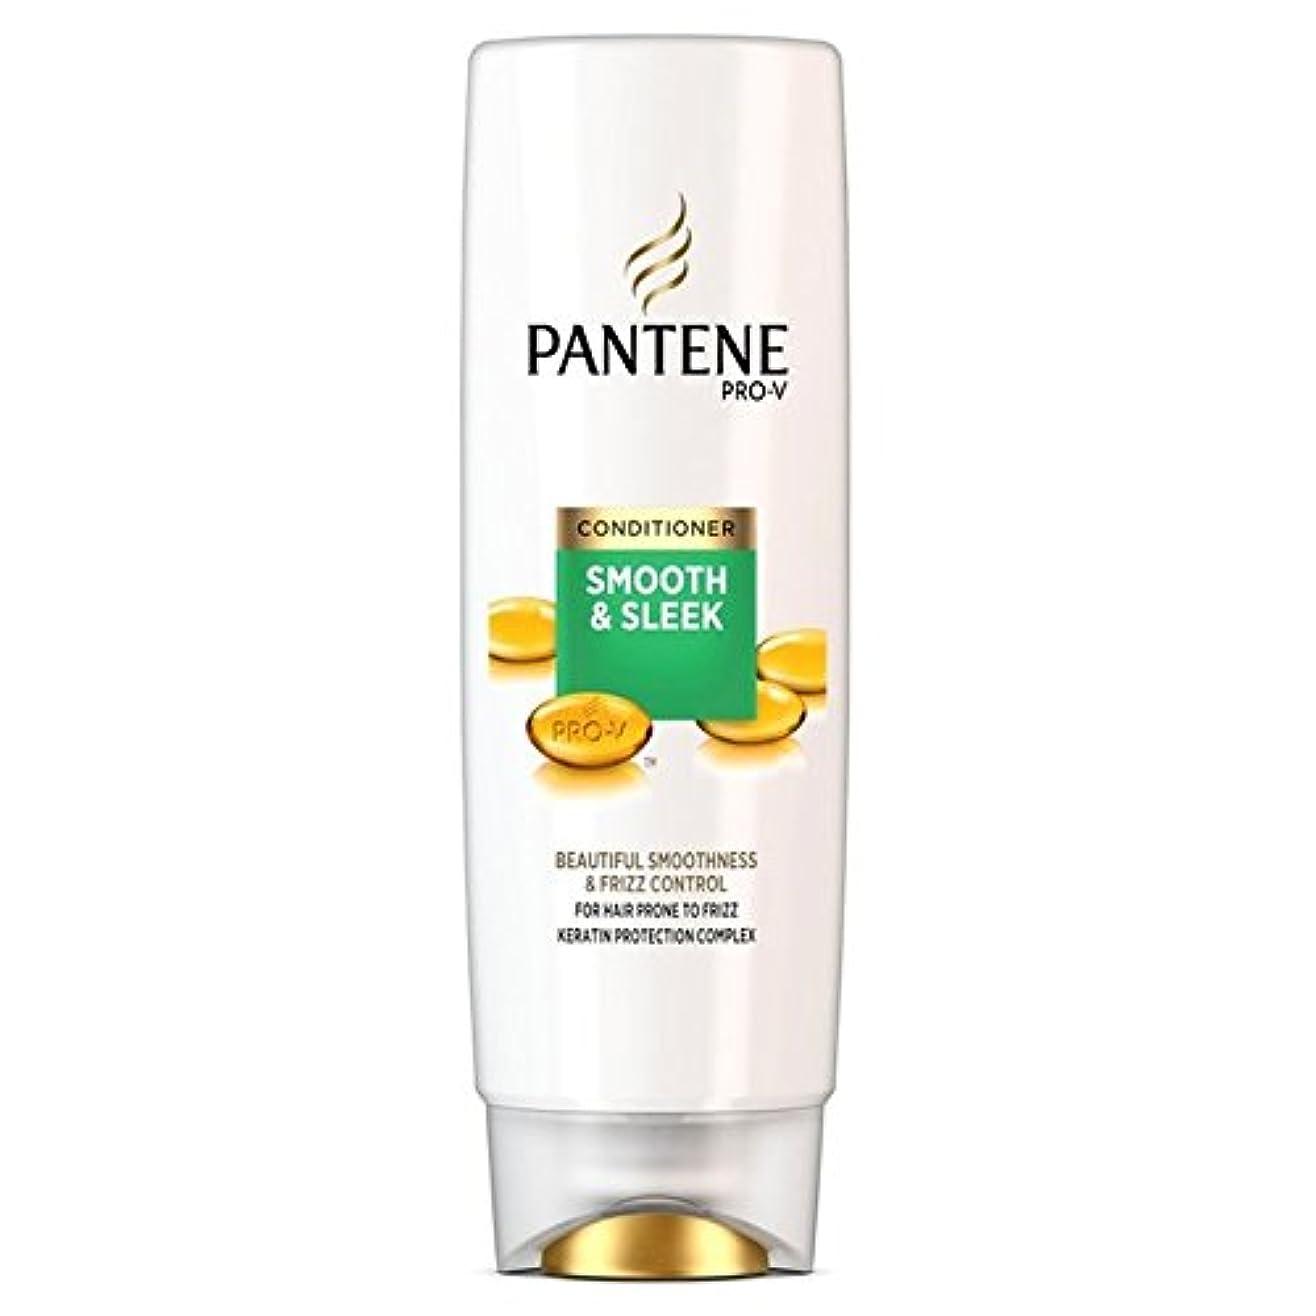 骨アクセサリー慎重にパンテーンコンディショナースムーズ&縮れ250ミリリットルを受けやすい髪になめらかな x4 - Pantene Conditioner Smooth & Sleek For Hair Prone to Frizz 250ml (Pack of 4) [並行輸入品]